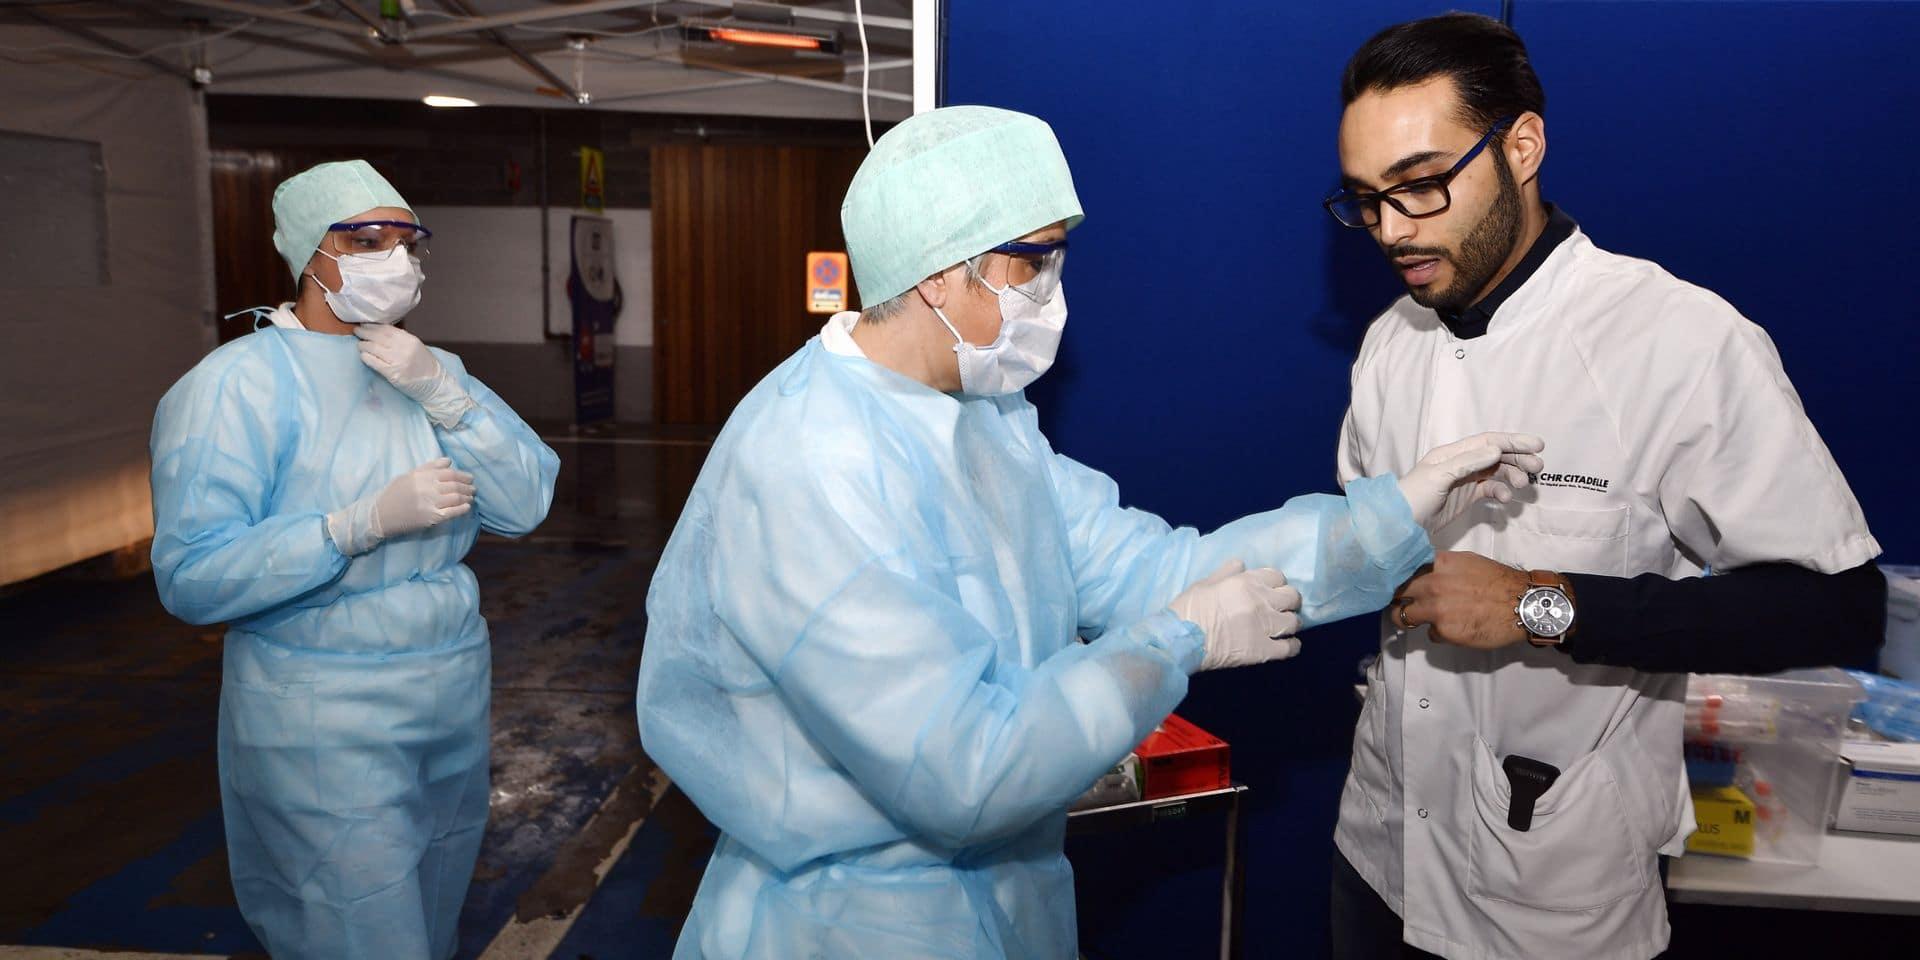 Coronavirus: le personnel soignant doit travailler même si des symptômes se déclarent